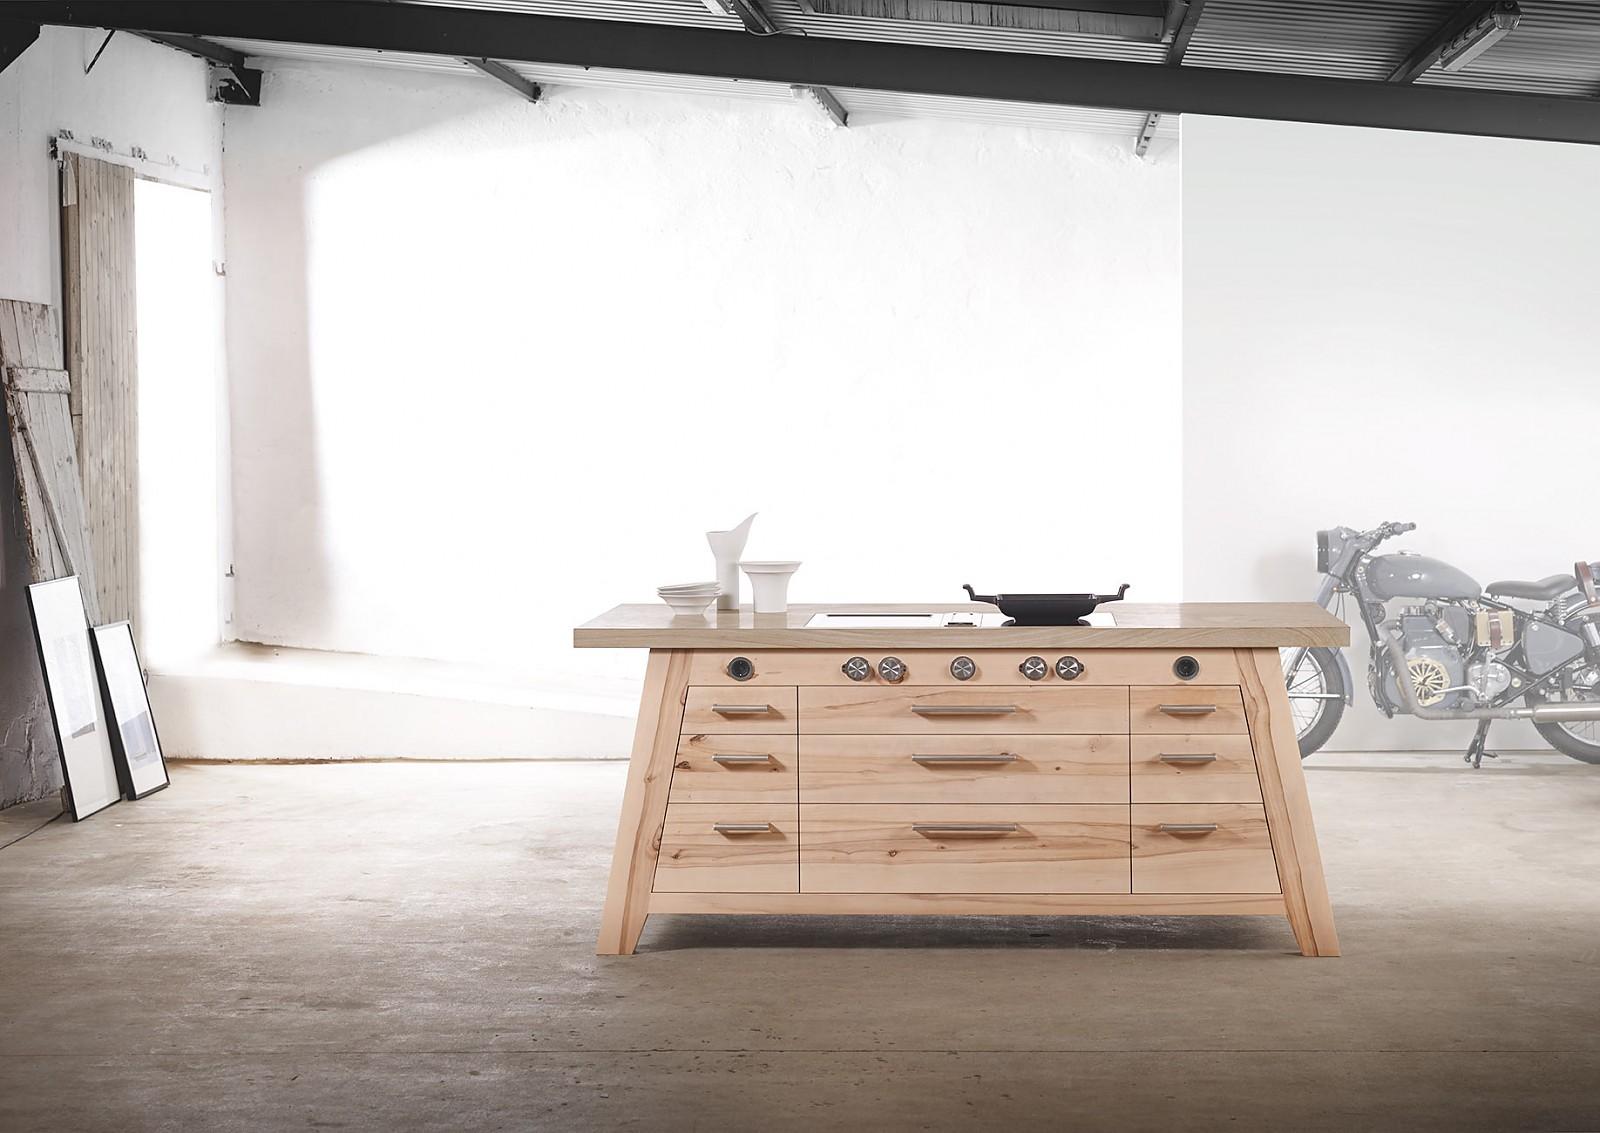 tischlerei sommer new k13 appletree tischlerei sommer. Black Bedroom Furniture Sets. Home Design Ideas